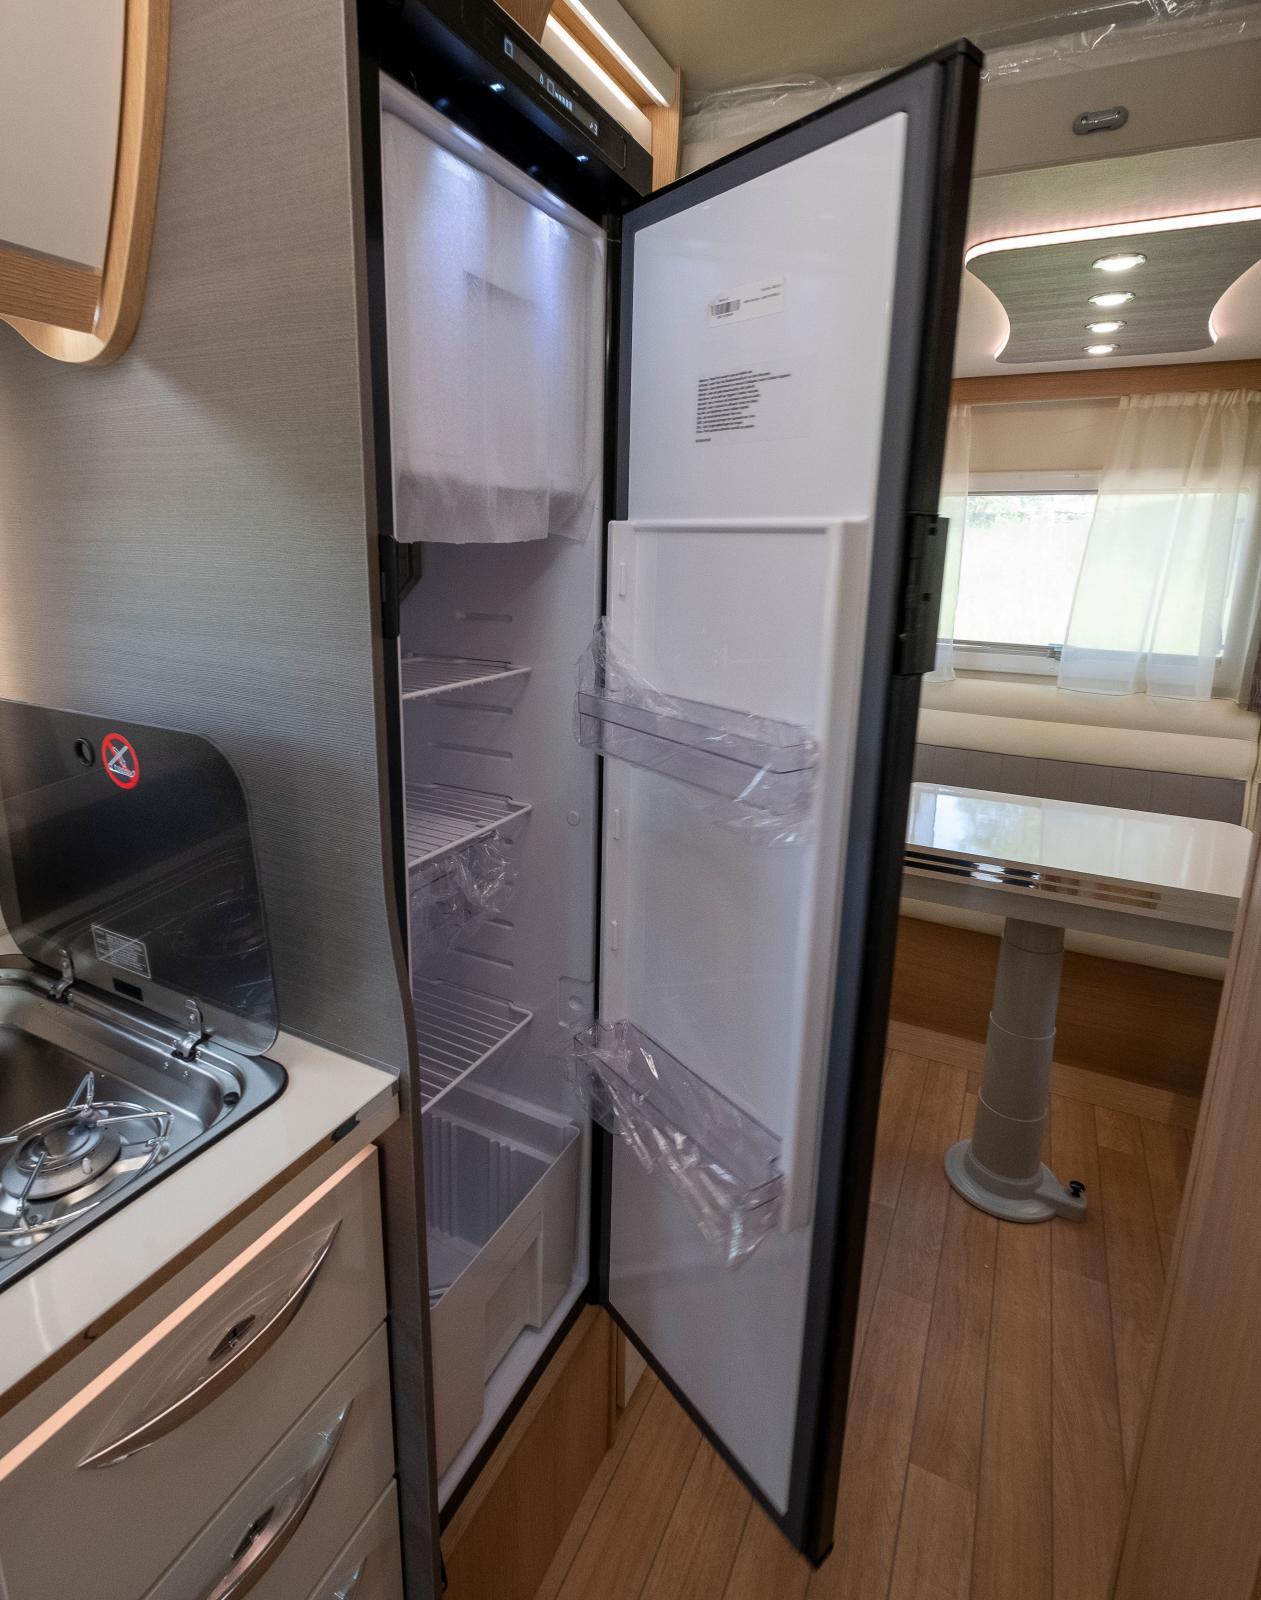 Kylskåpet är smalt och bra placerat bredvid köket.